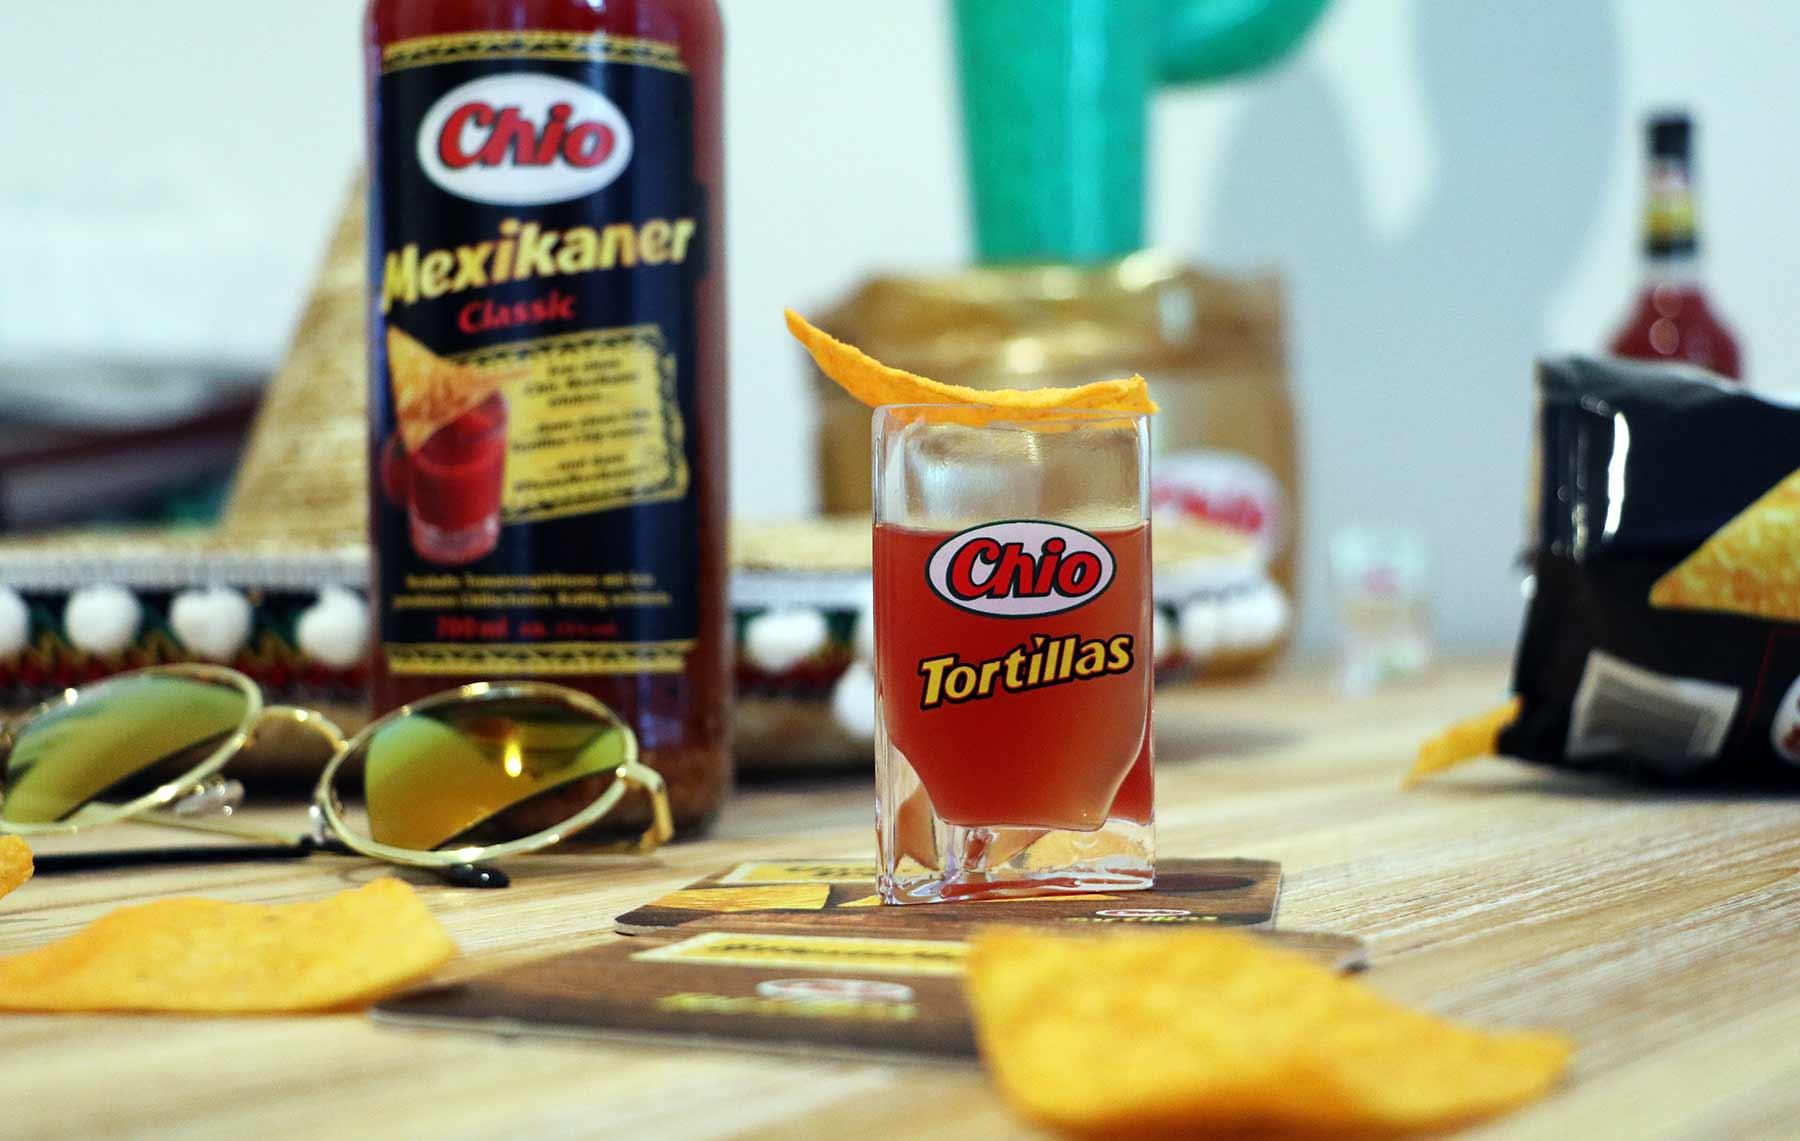 10 exklusive #FiestaMexikaner Party Packs von Chio zu gewinnen! Chio-Chips-FiestaMexikaner_01